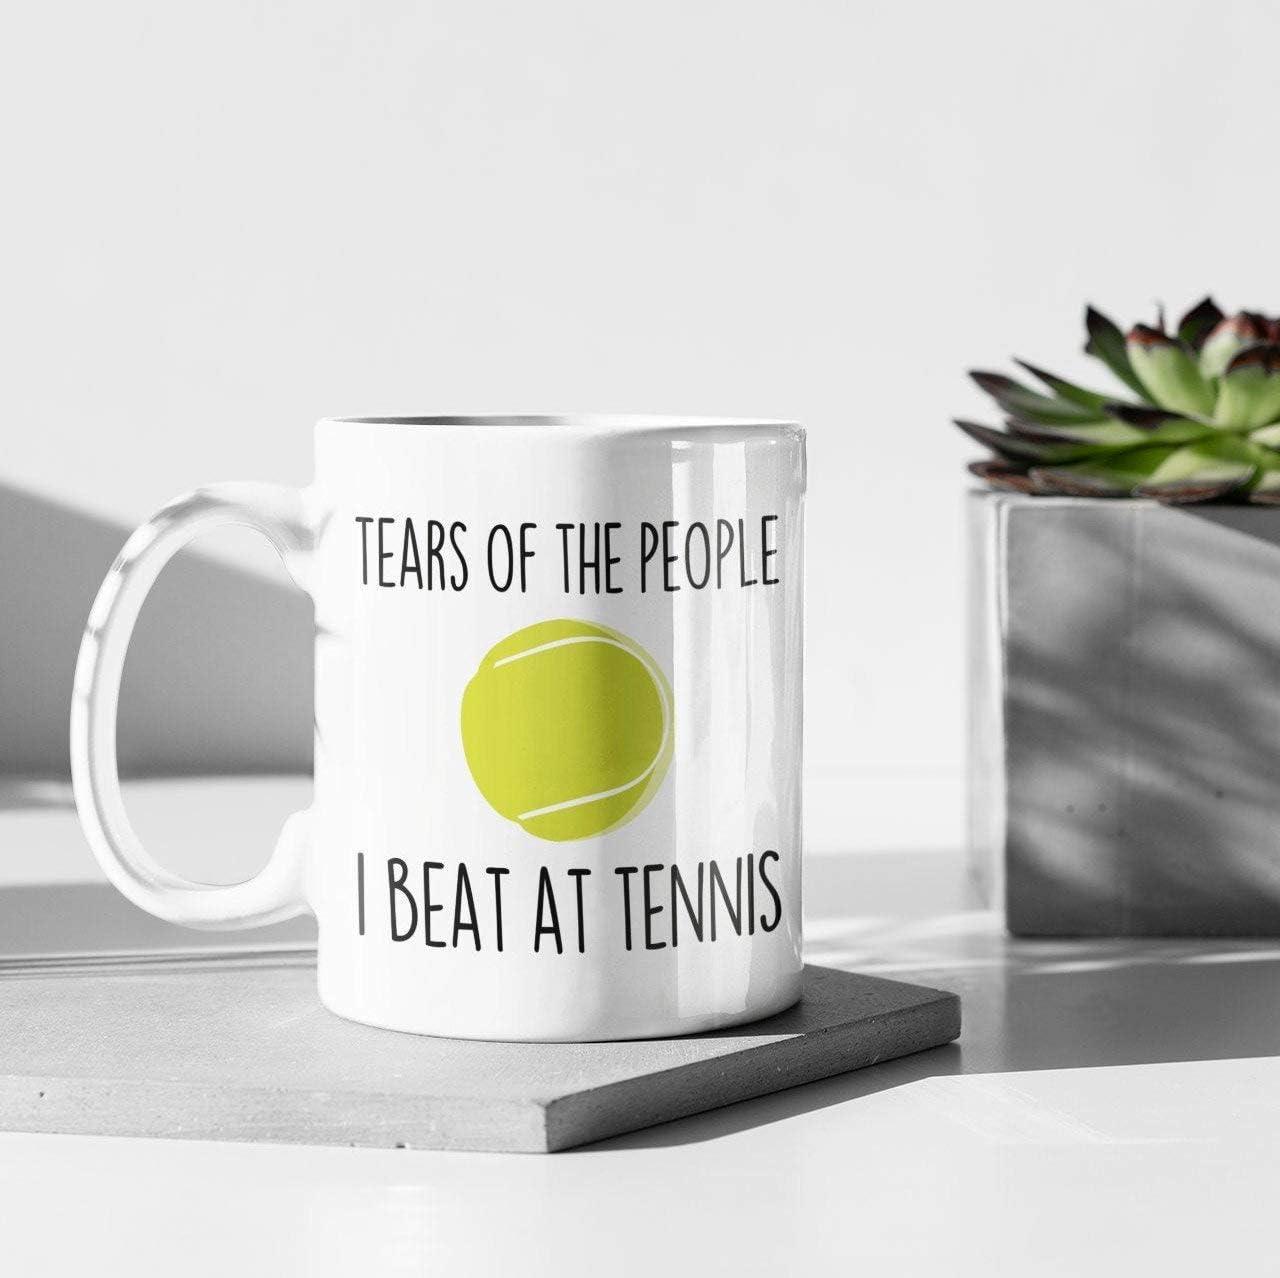 N\A Regalos de Tenis Taza de Tenis Regalos de Tenis para Mujeres Regalos de Tenis para Hombres Regalo de Entrenador de Tenis Ideas de Regalos de Tenis Taza de café de Tenis Capitán de Tenis